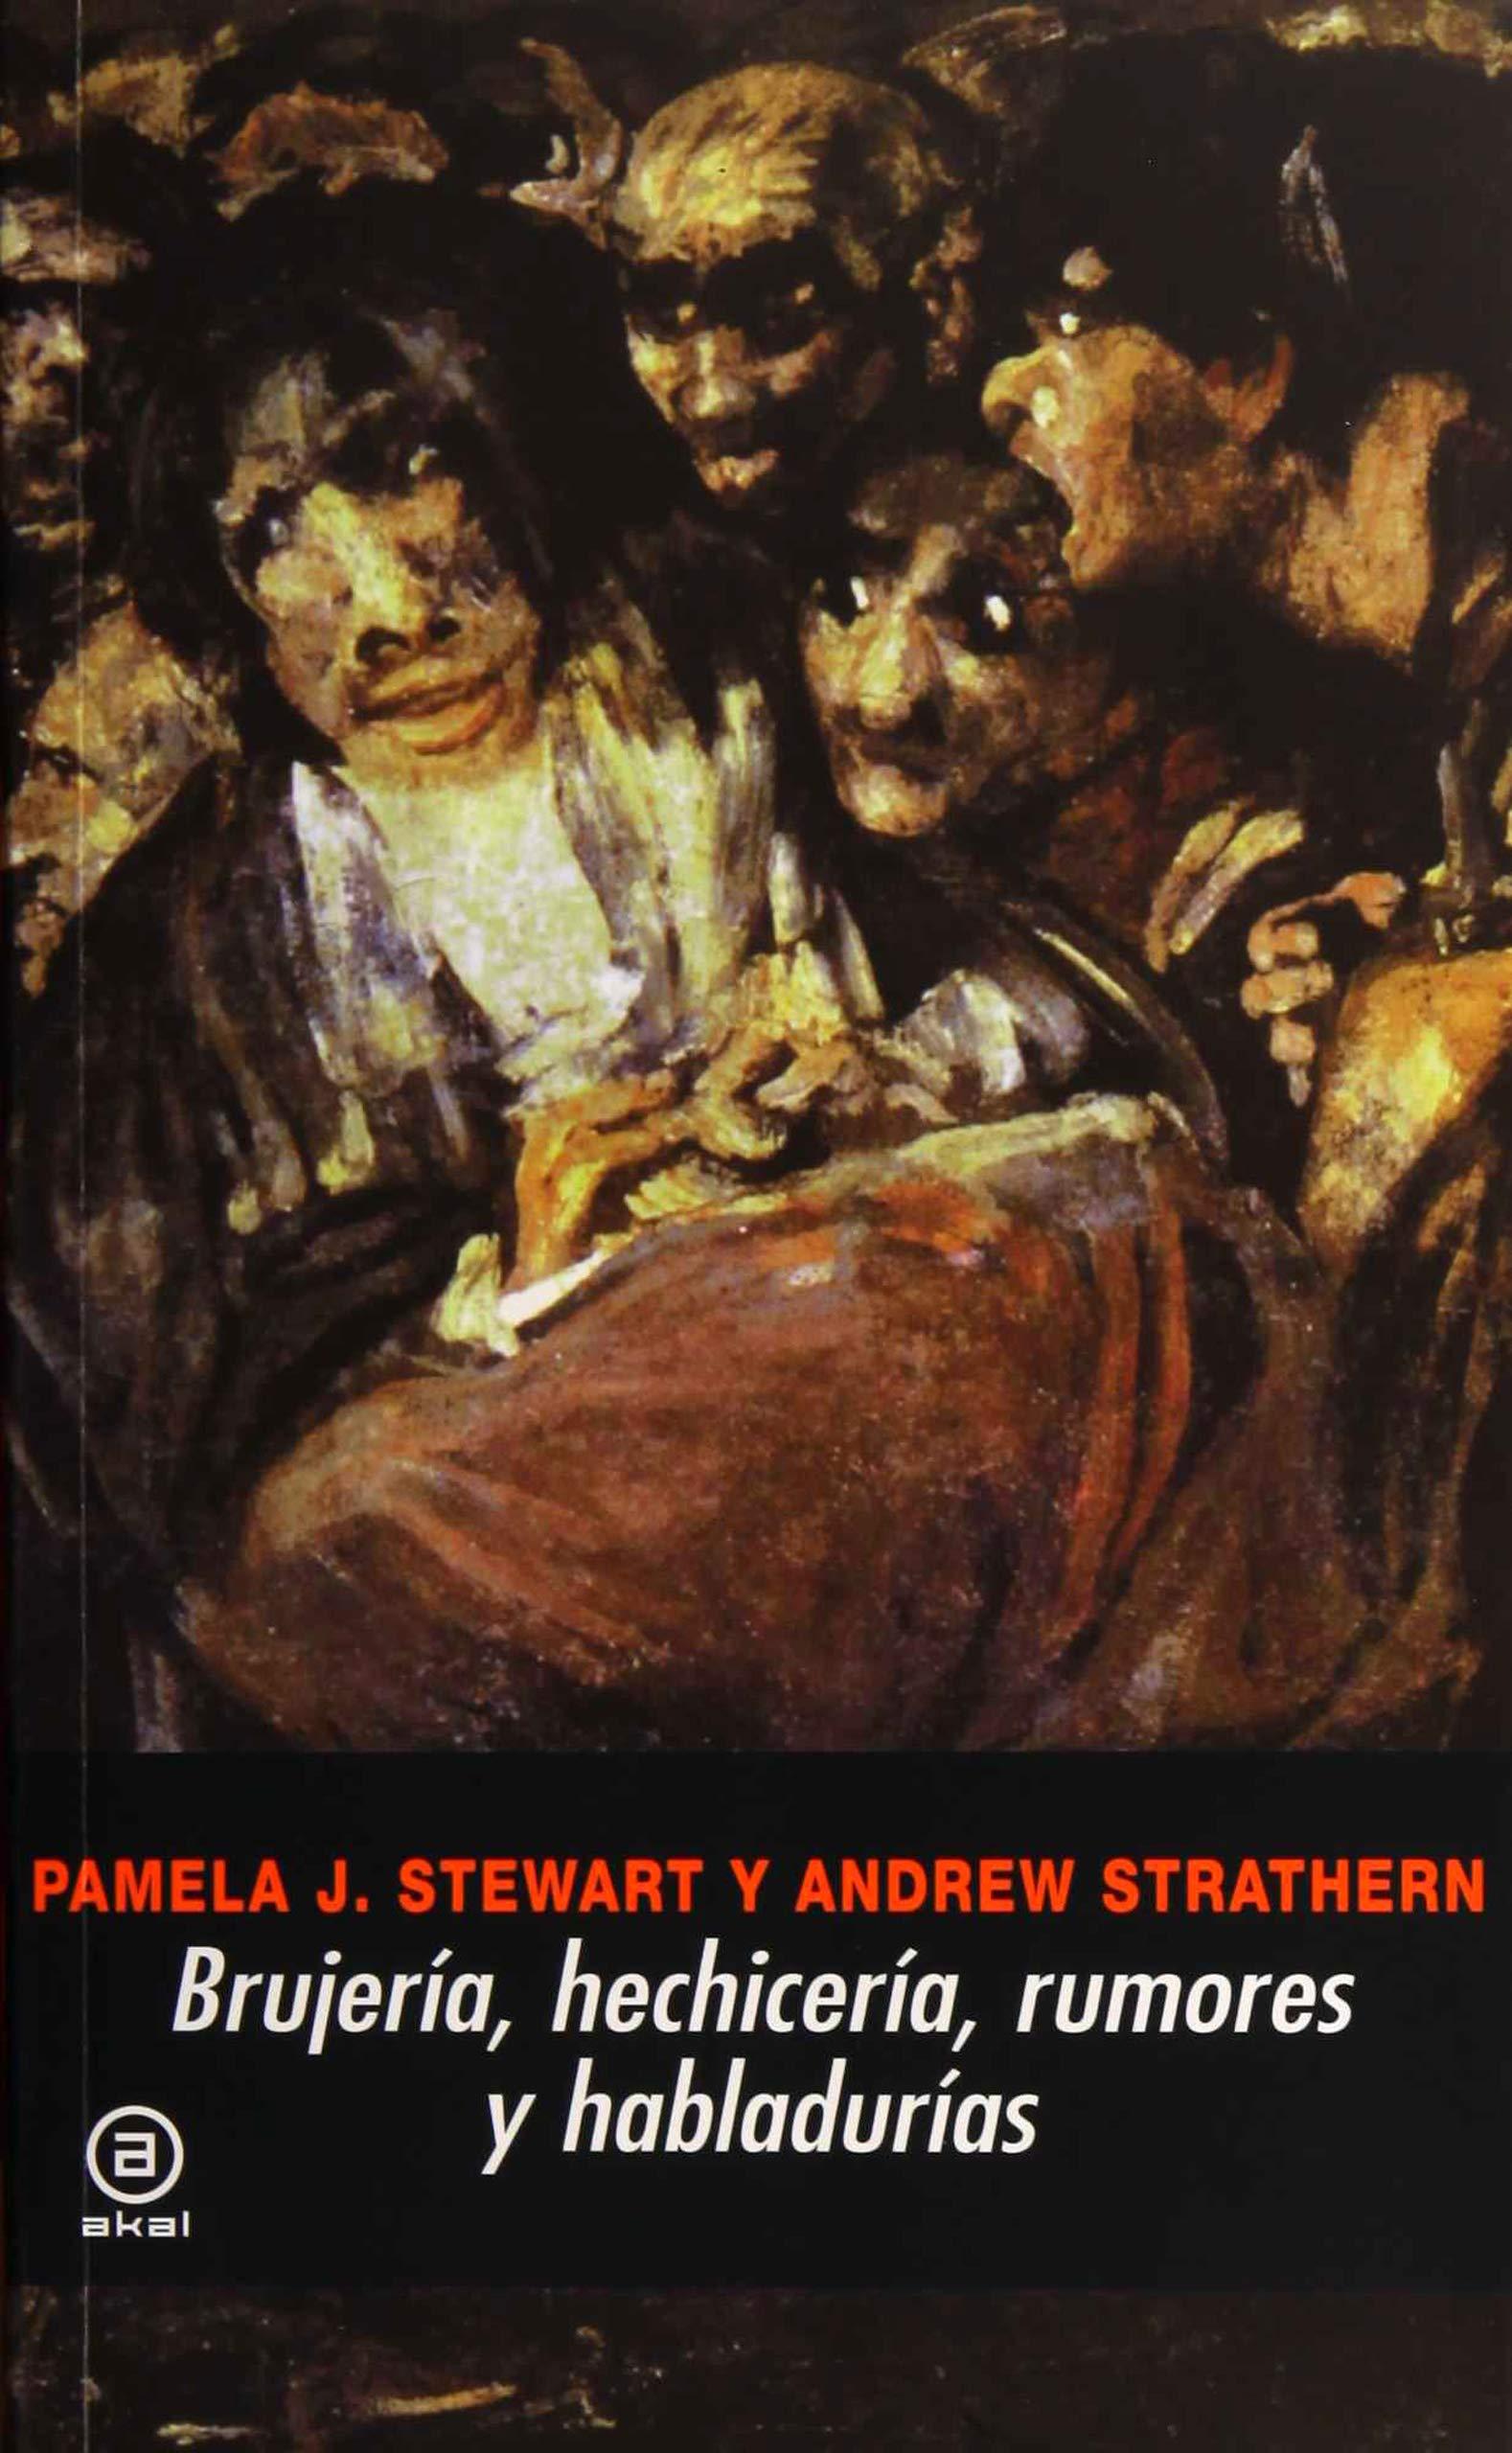 Brujería, hechicería, rumores y habladurías: 270 Universitaria: Amazon.es: Stewart, Pamela J., Strathern, Andrew, Vázquez Ramil, Raquel: Libros